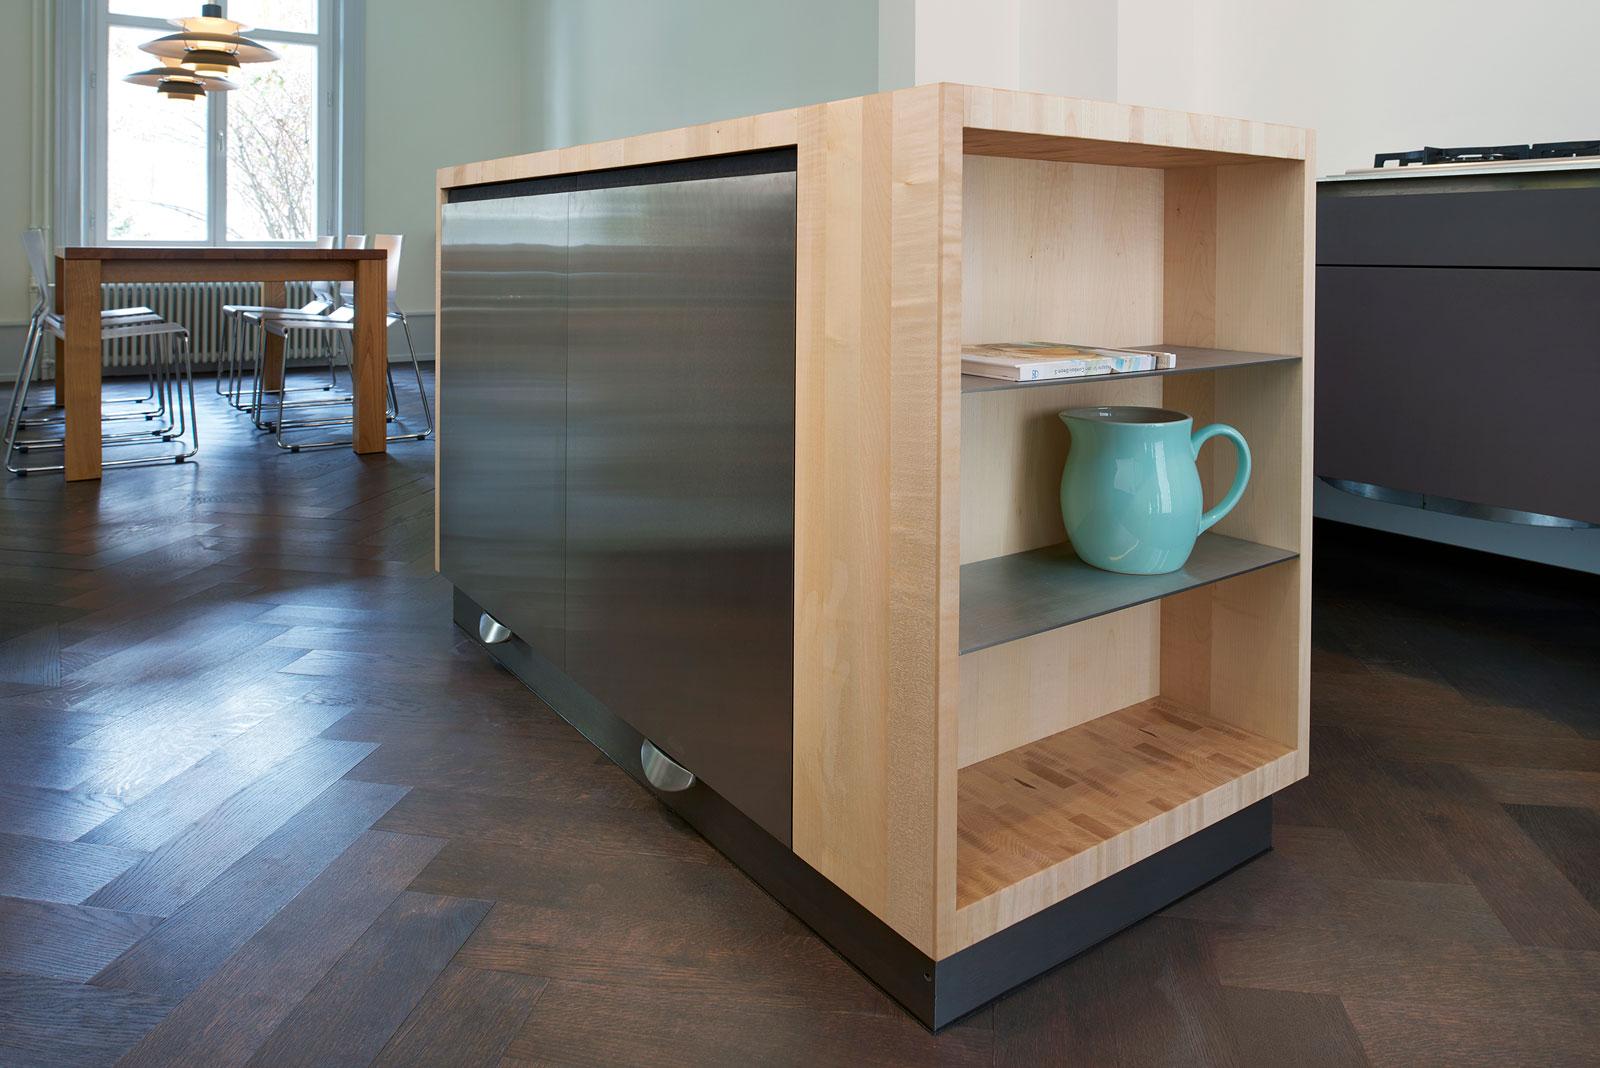 EFH Bern, Kücheninsel, hinter den beiden Fronten in CNS zwei Kühlschränke, Umsetzung Schreiner König